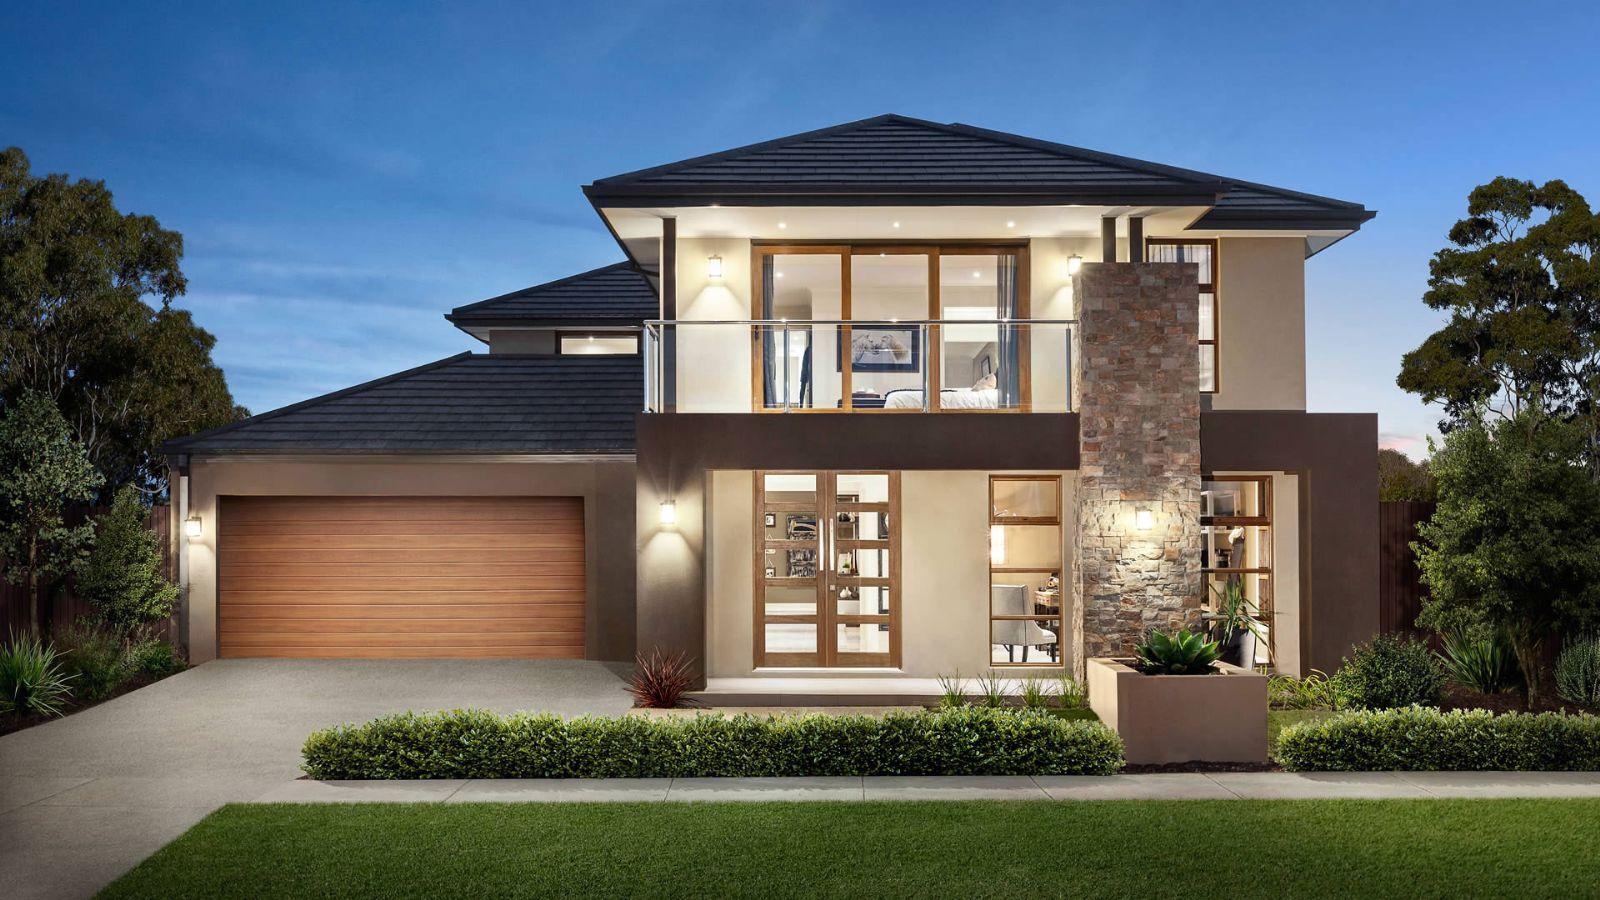 Home Design Ideas 2018: MẪU NHÀ ĐẸP